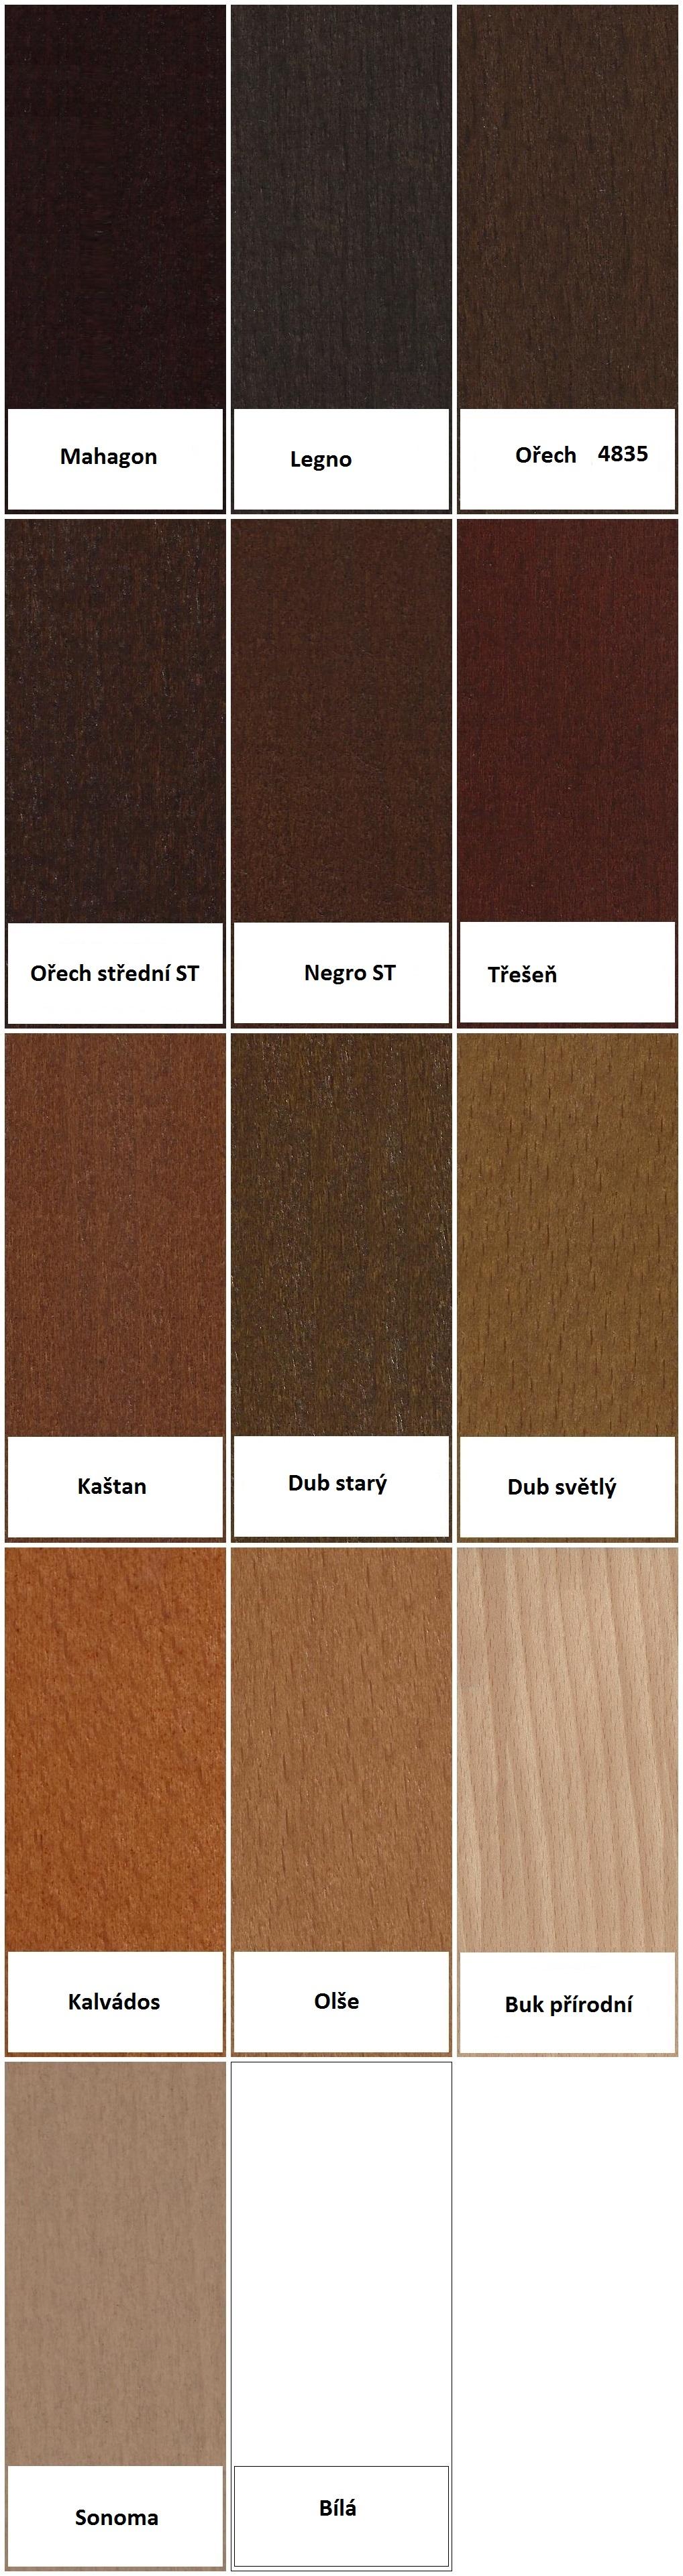 Dekor dřevo  - 2015 - STOLMER